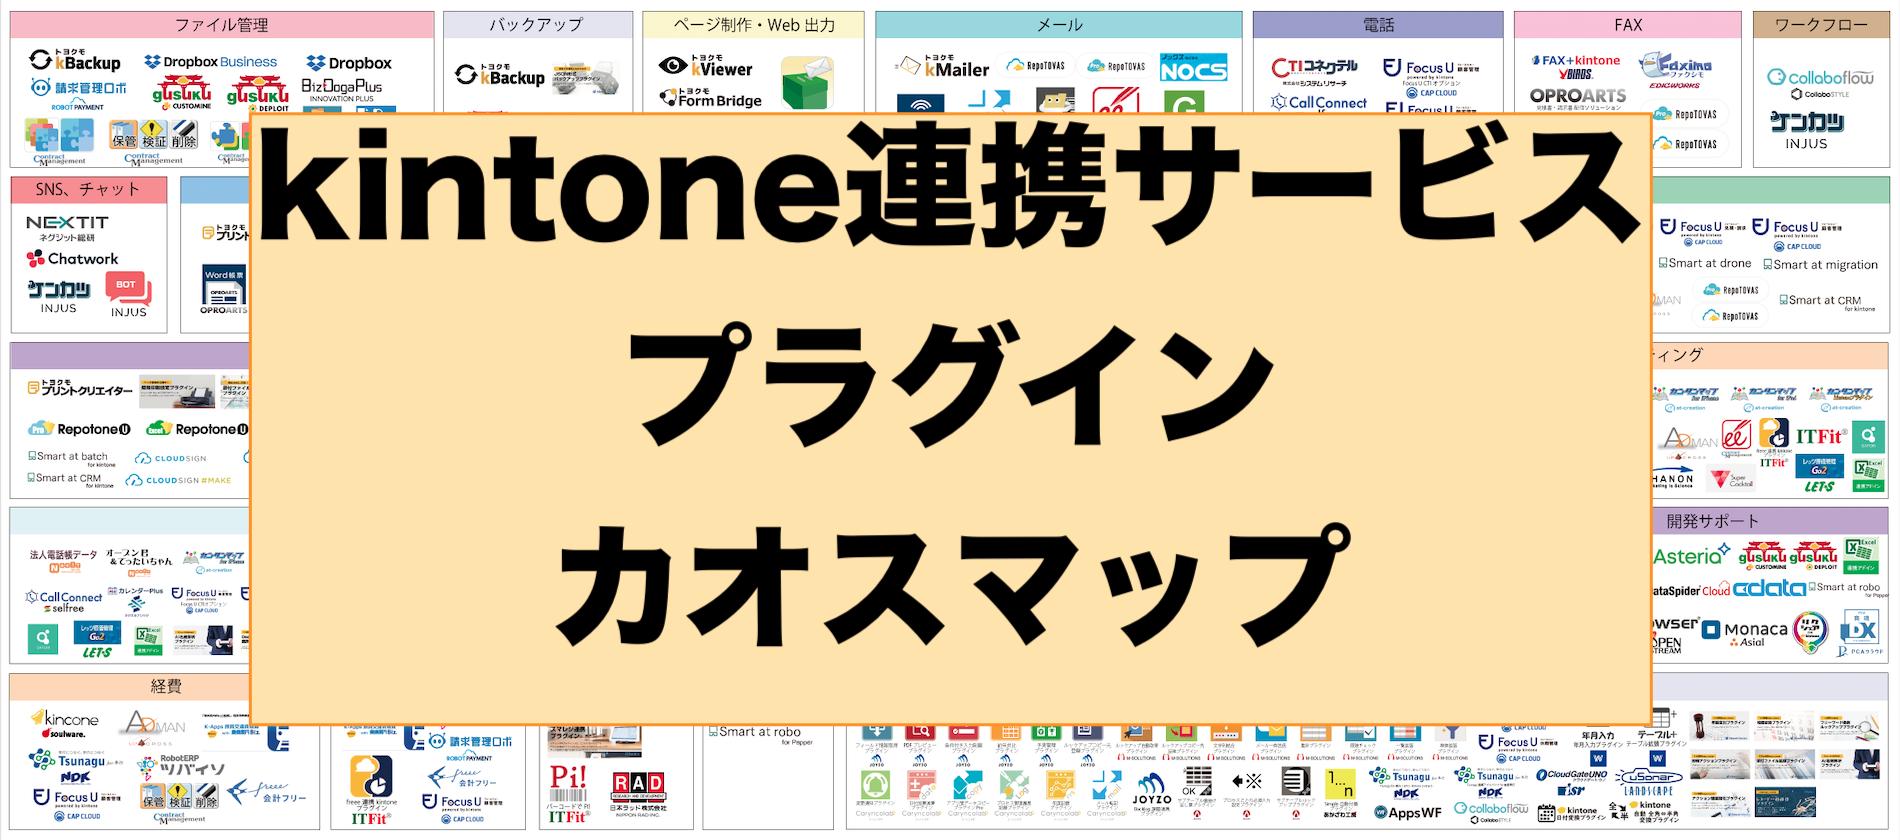 【2019年】完全版!kintone連携サービス・プラグインのカオスマップを公開